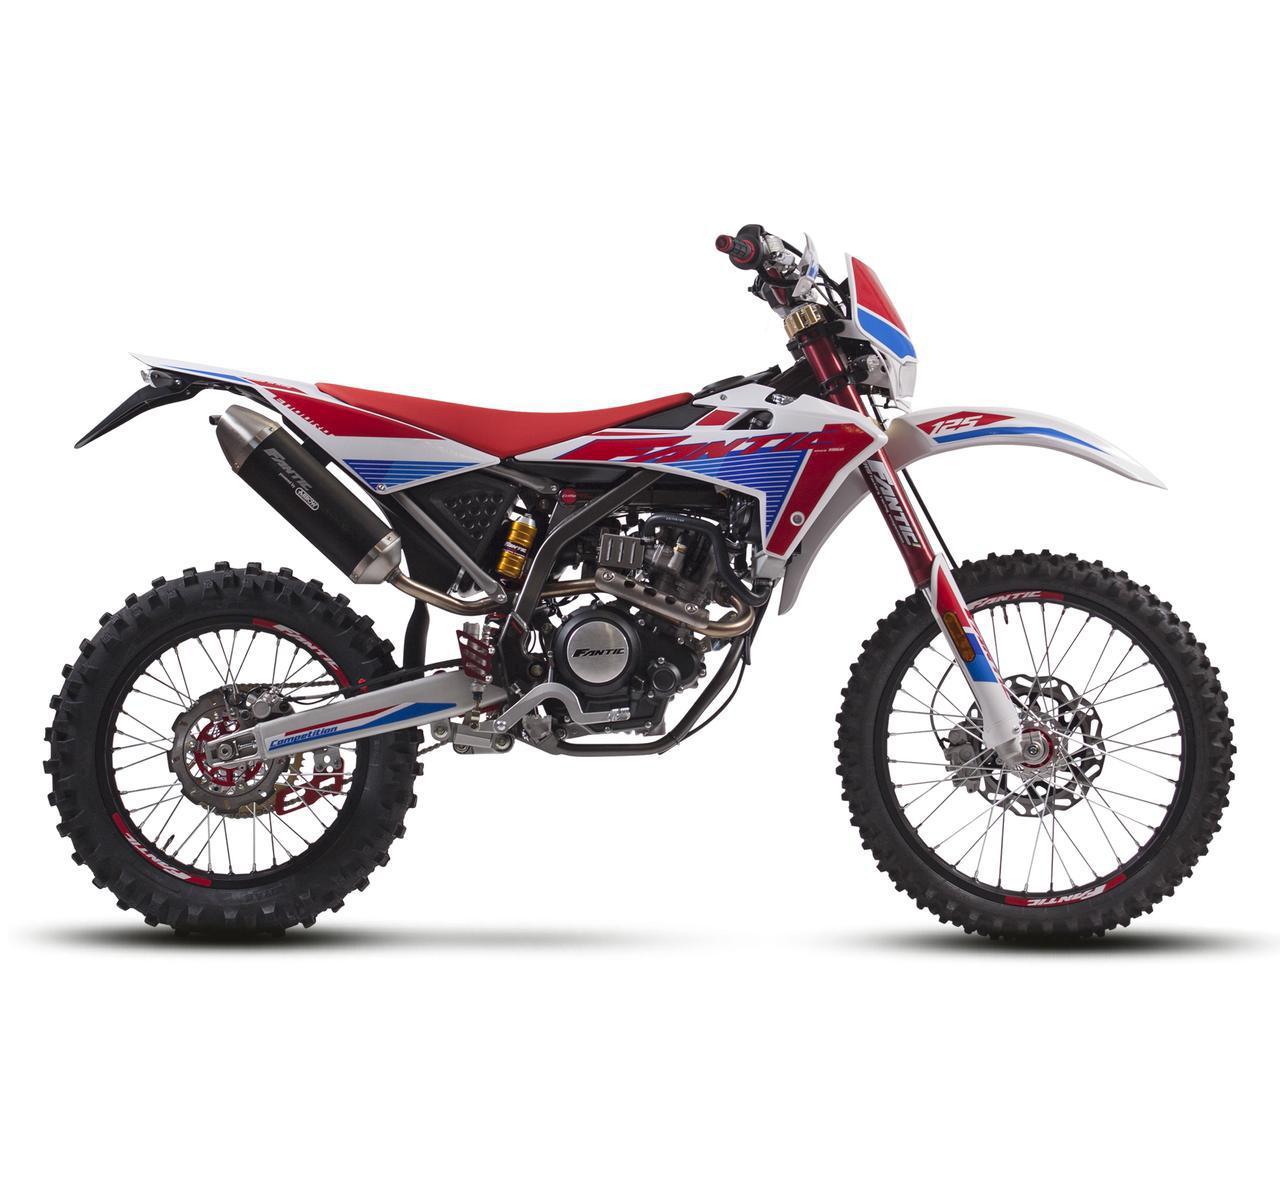 画像3: ライダーを裏切らない公道4st125バイク。イタリアで最も売れた「エンデューロ」がアップデート